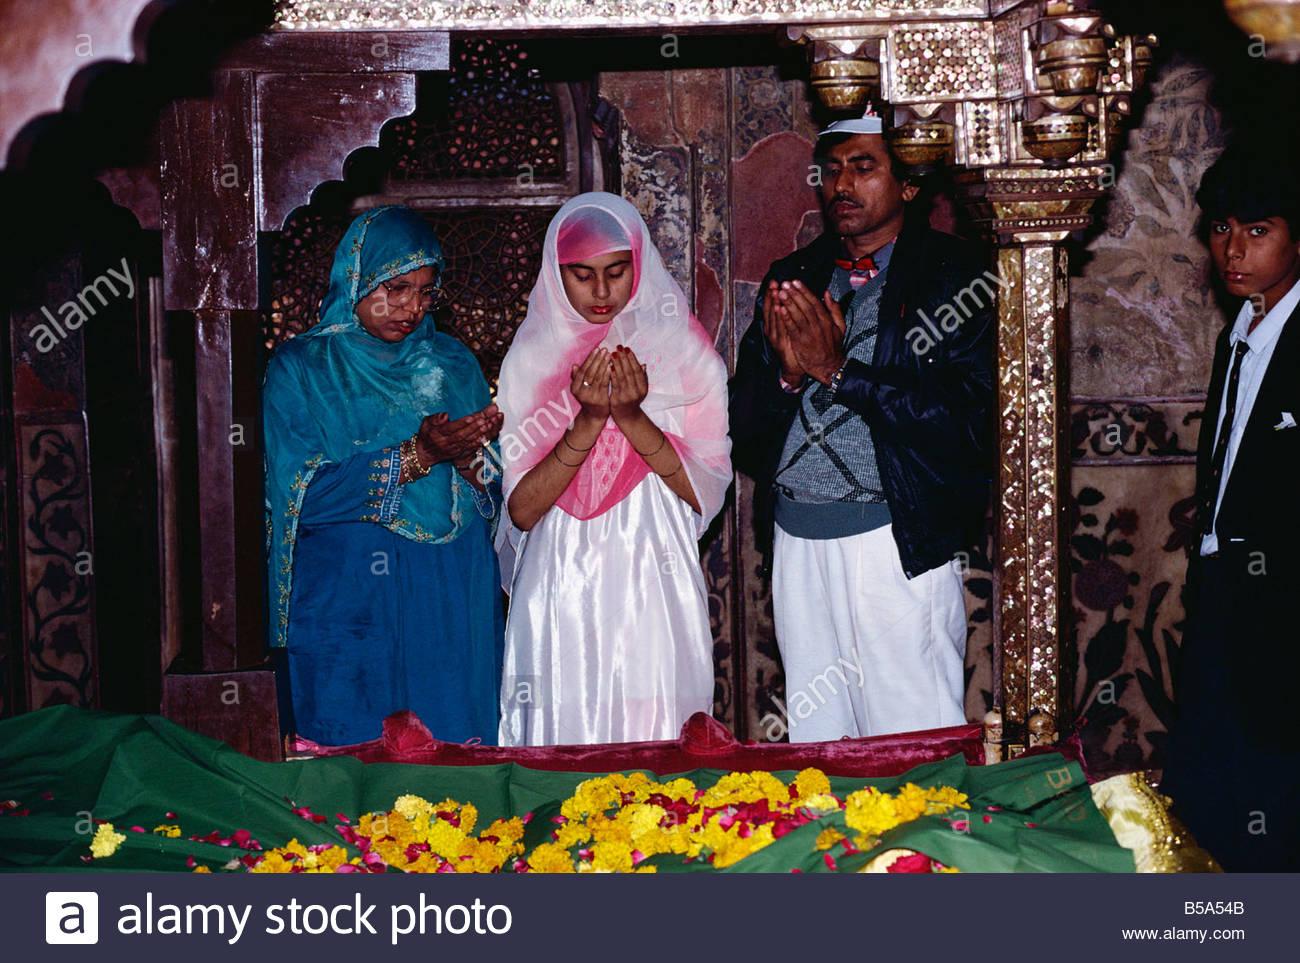 Muslims praying in the tomb of Shaikh Salim Chishti, Fatehpur Sikri, Uttar Pradesh, India - Stock Image